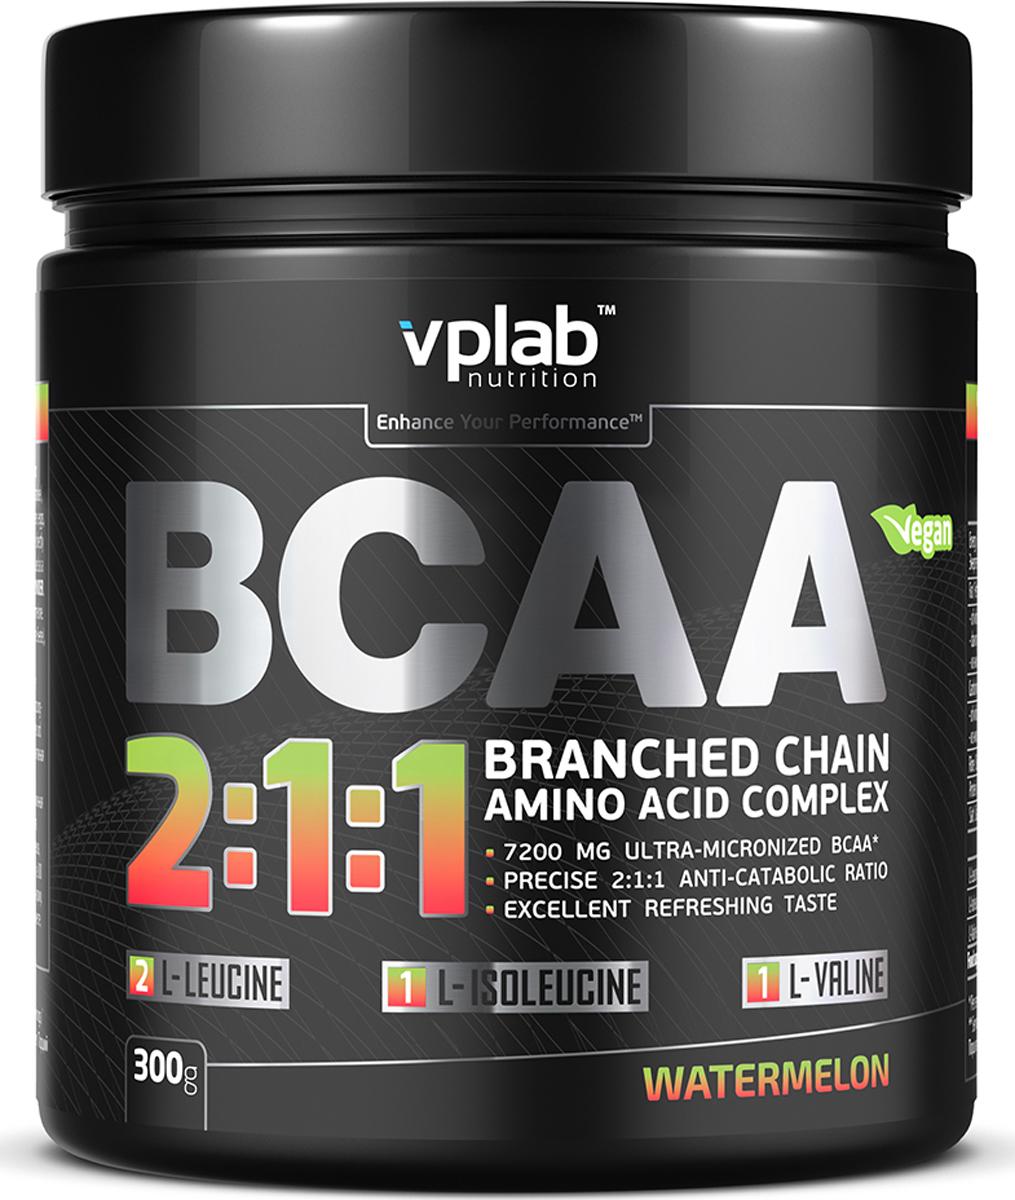 Аминокислотный комплекс Vplab BCAA 2:1:1, арбуз, 300 г athletic nutrition bcaa 300 г